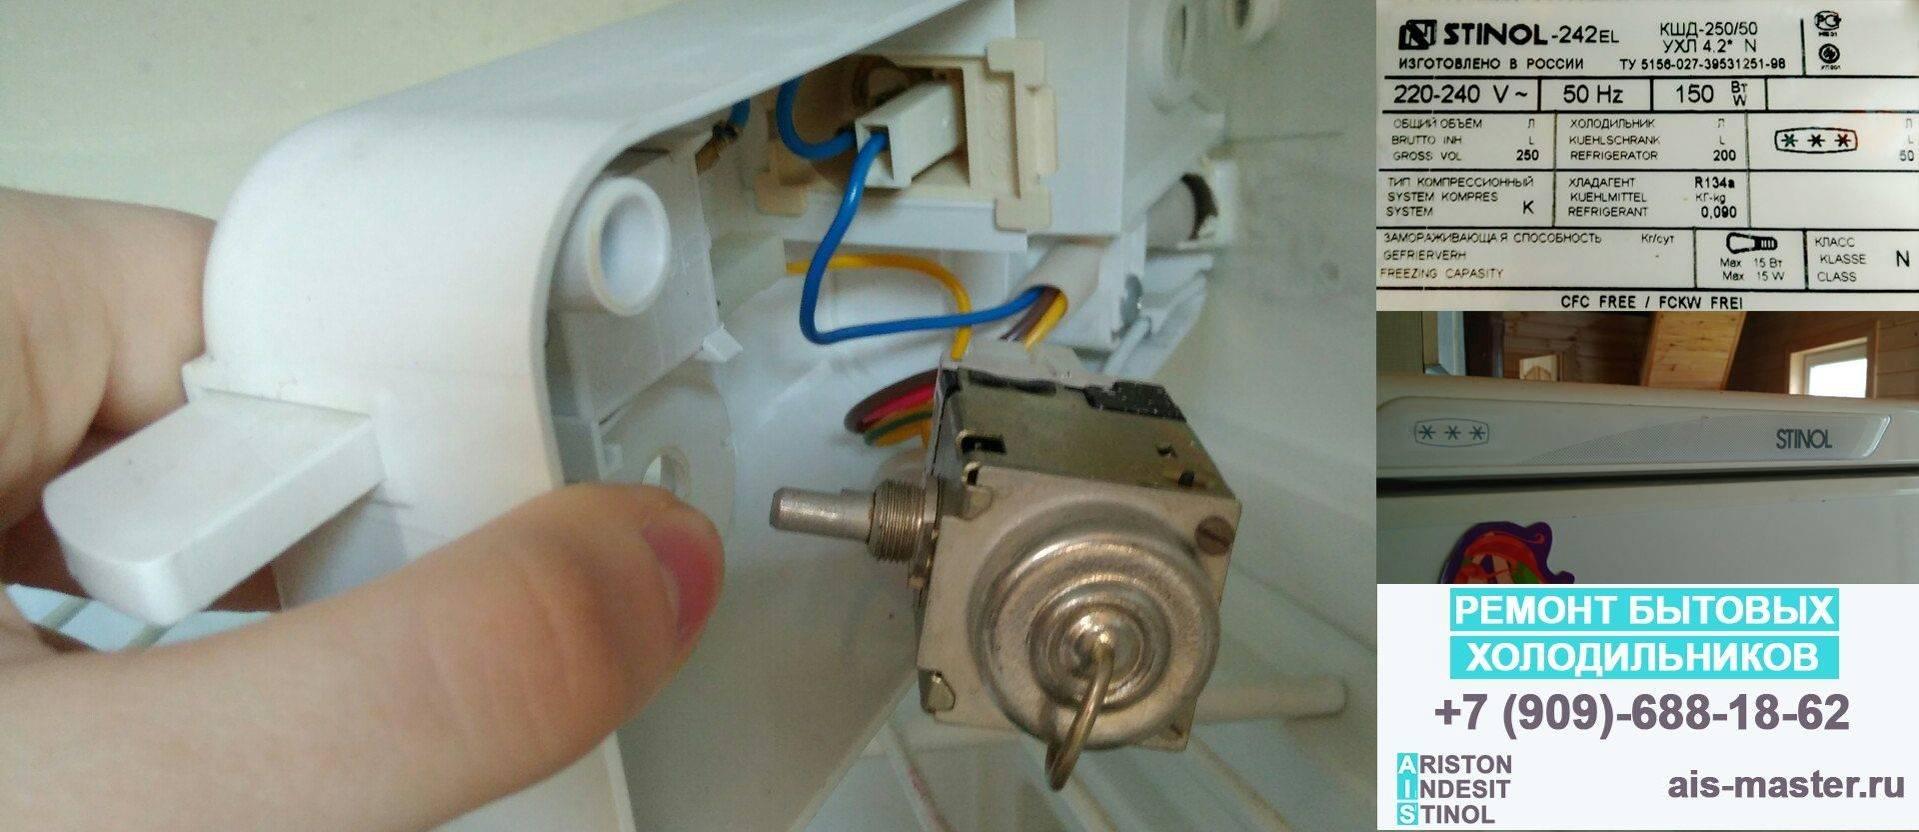 Холодильник стинол выключился и не включается. возможные причины выхода из строя холодильника